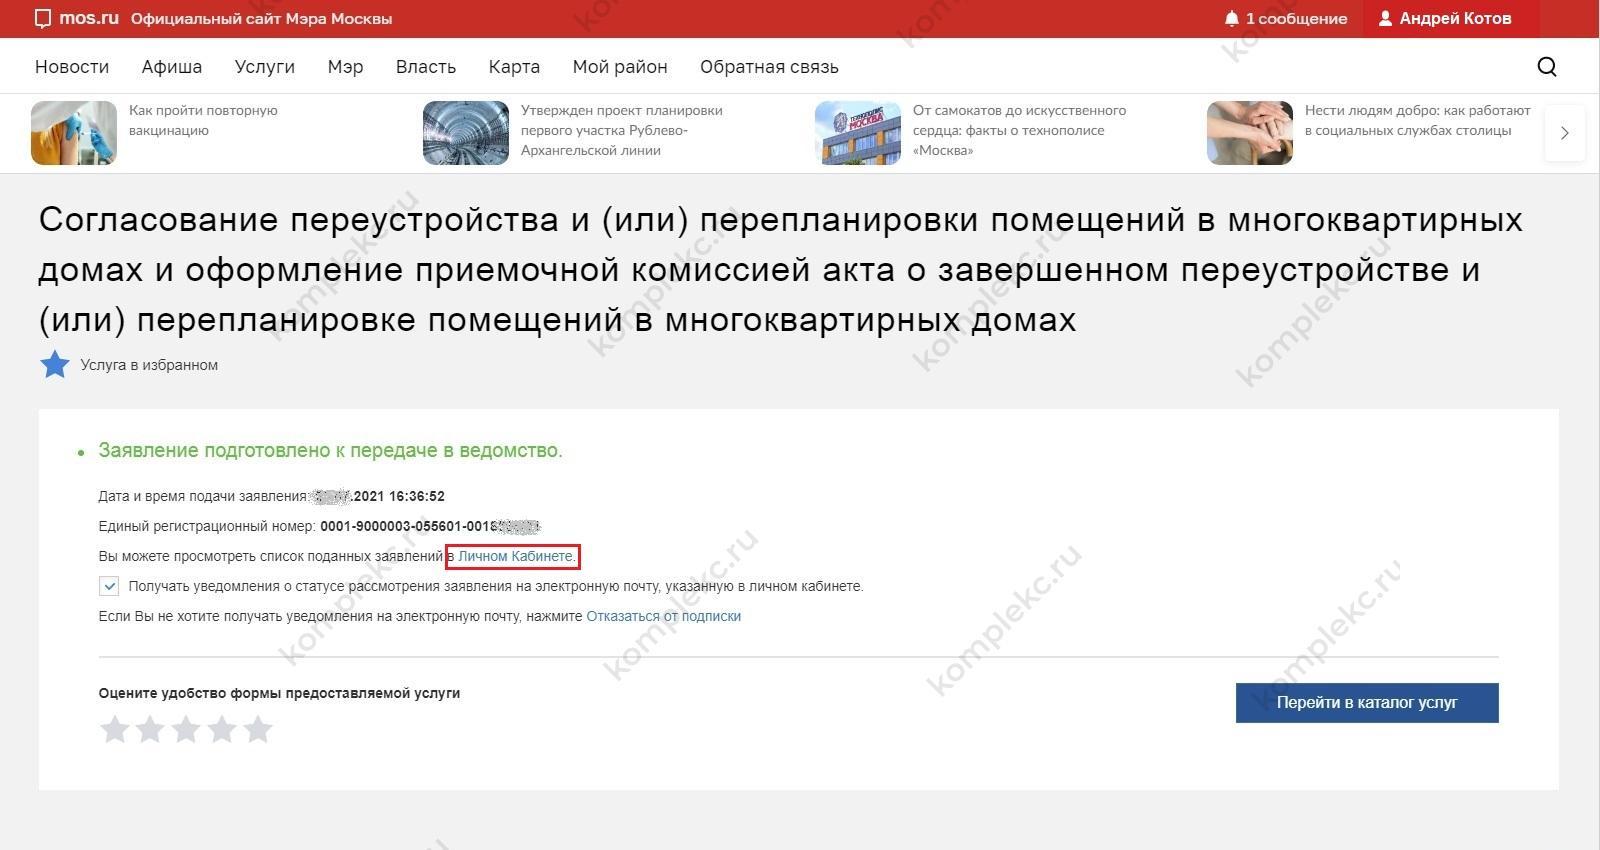 Мос.ру - подача заявления на перепланировку